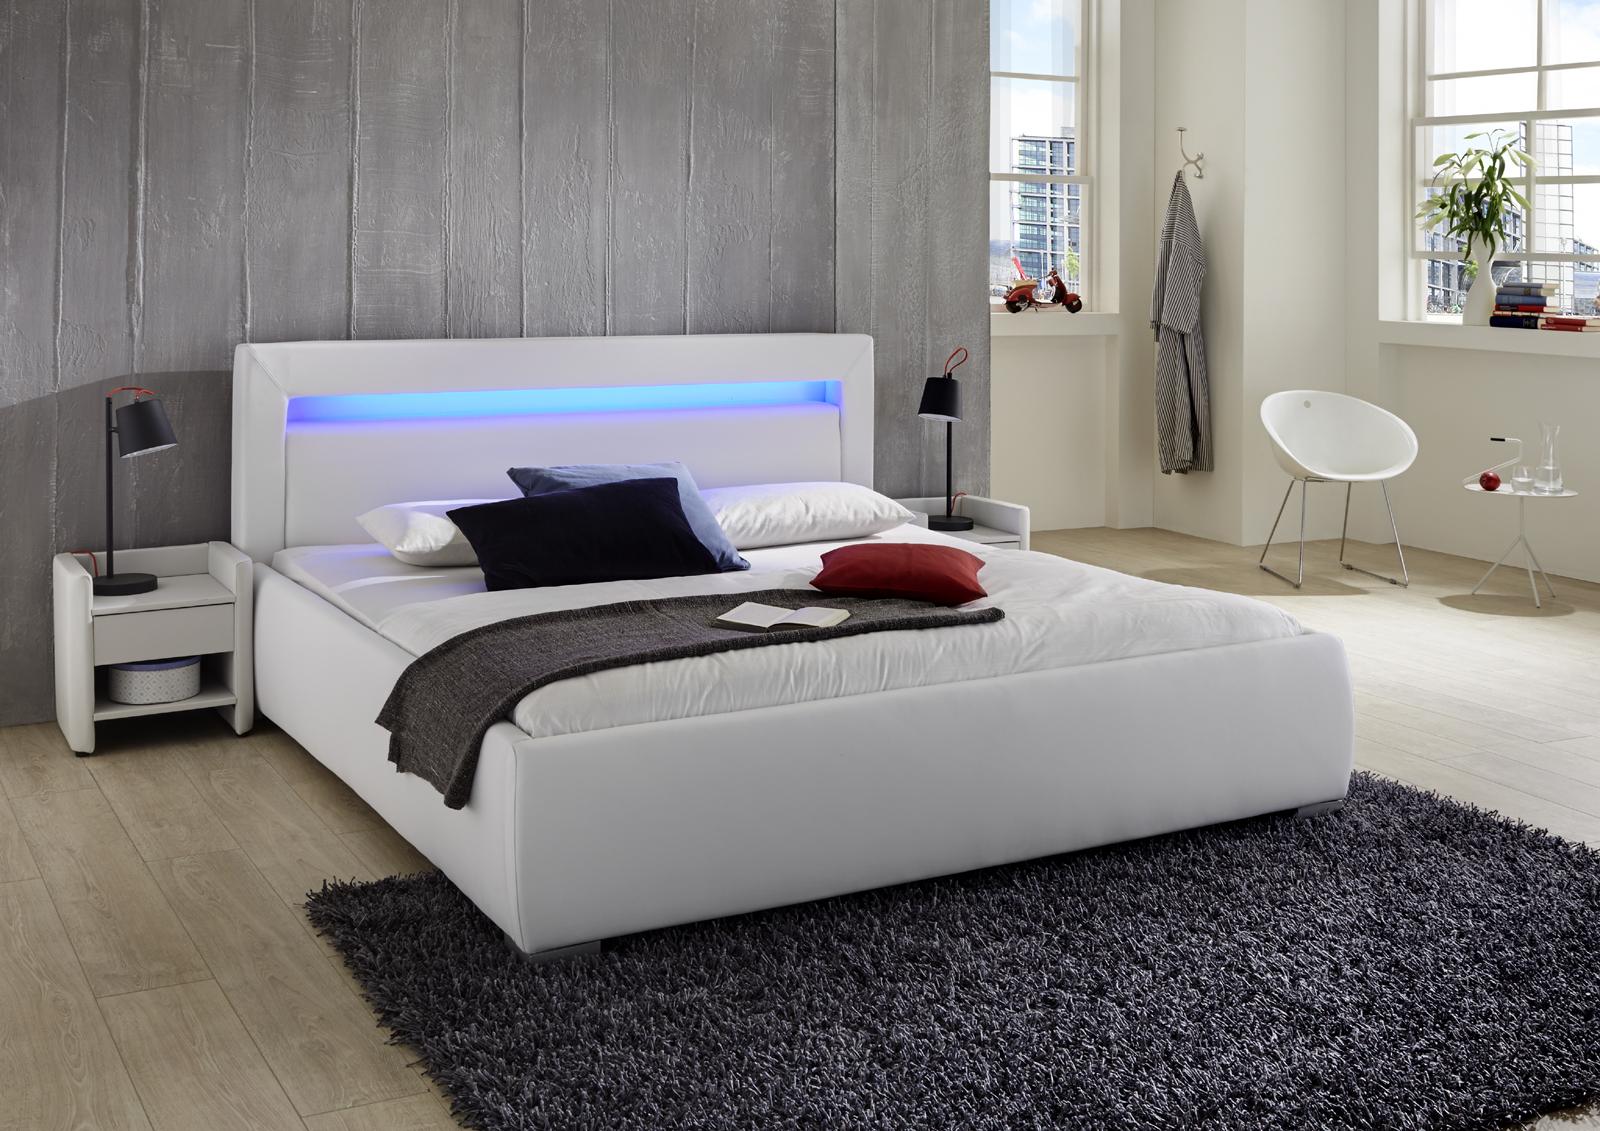 Schlafzimmer bett deko: schlafzimmer ideen schwarz weis. diy bett ...